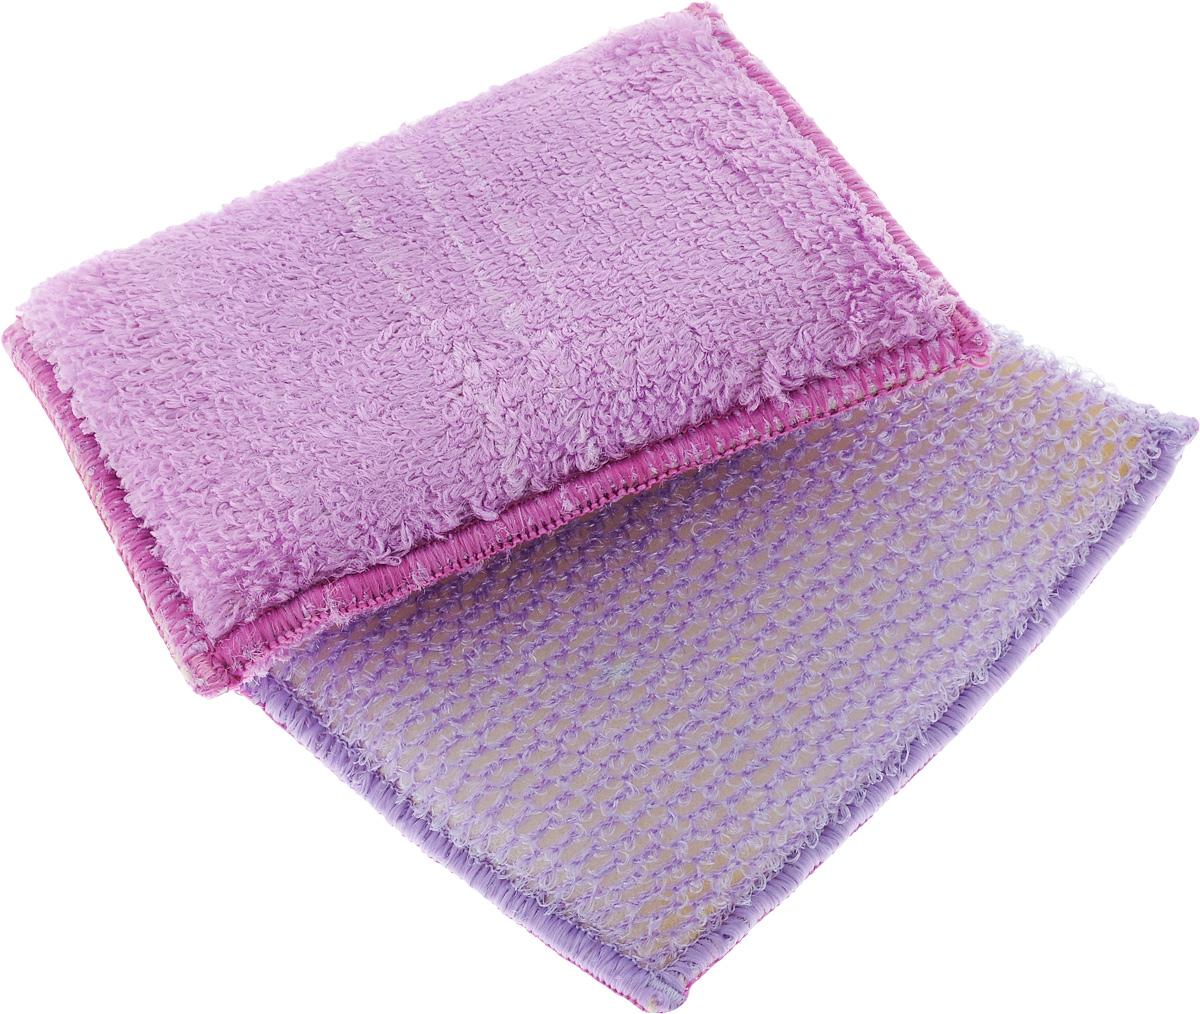 Набор губок для мытья посуды Золушка, цвет: сиреневый, 10 х 14 х 2 см, 2 штAF000008_сиреневыйНабор губок для мытья посуды Золушка, цвет: сиреневый, 10 х 14 х 2 см, 2 шт